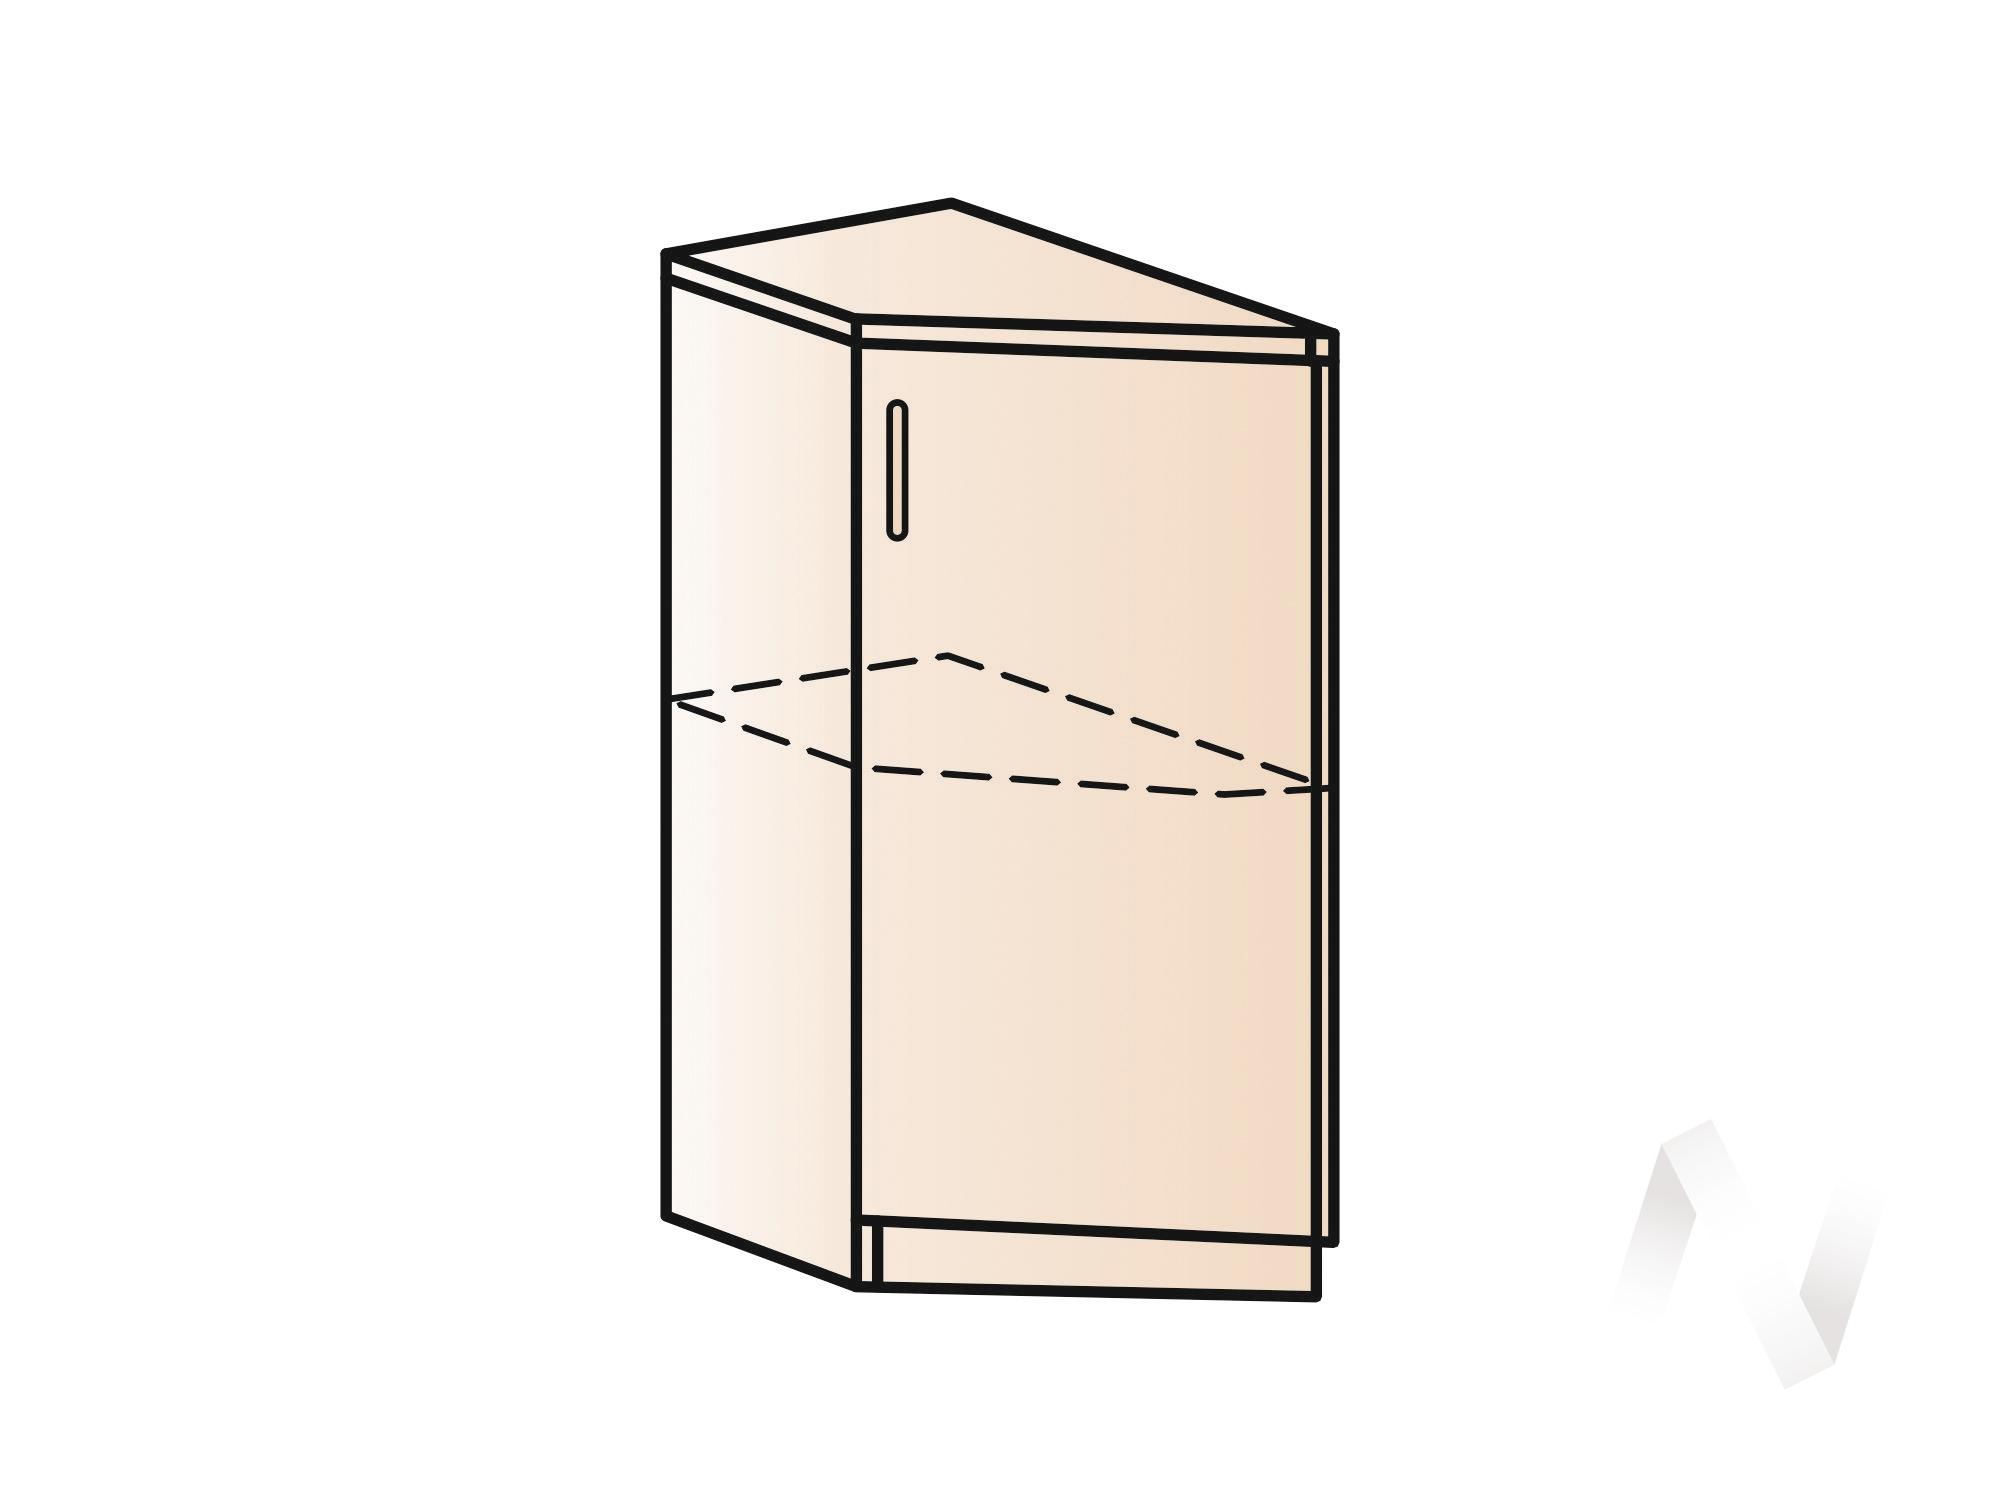 """Кухня """"Прага"""": Шкаф нижний торцевой 300, ШНТ 300 (белое дерево/корпус венге) в Новосибирске в интернет-магазине мебели kuhnya54.ru"""